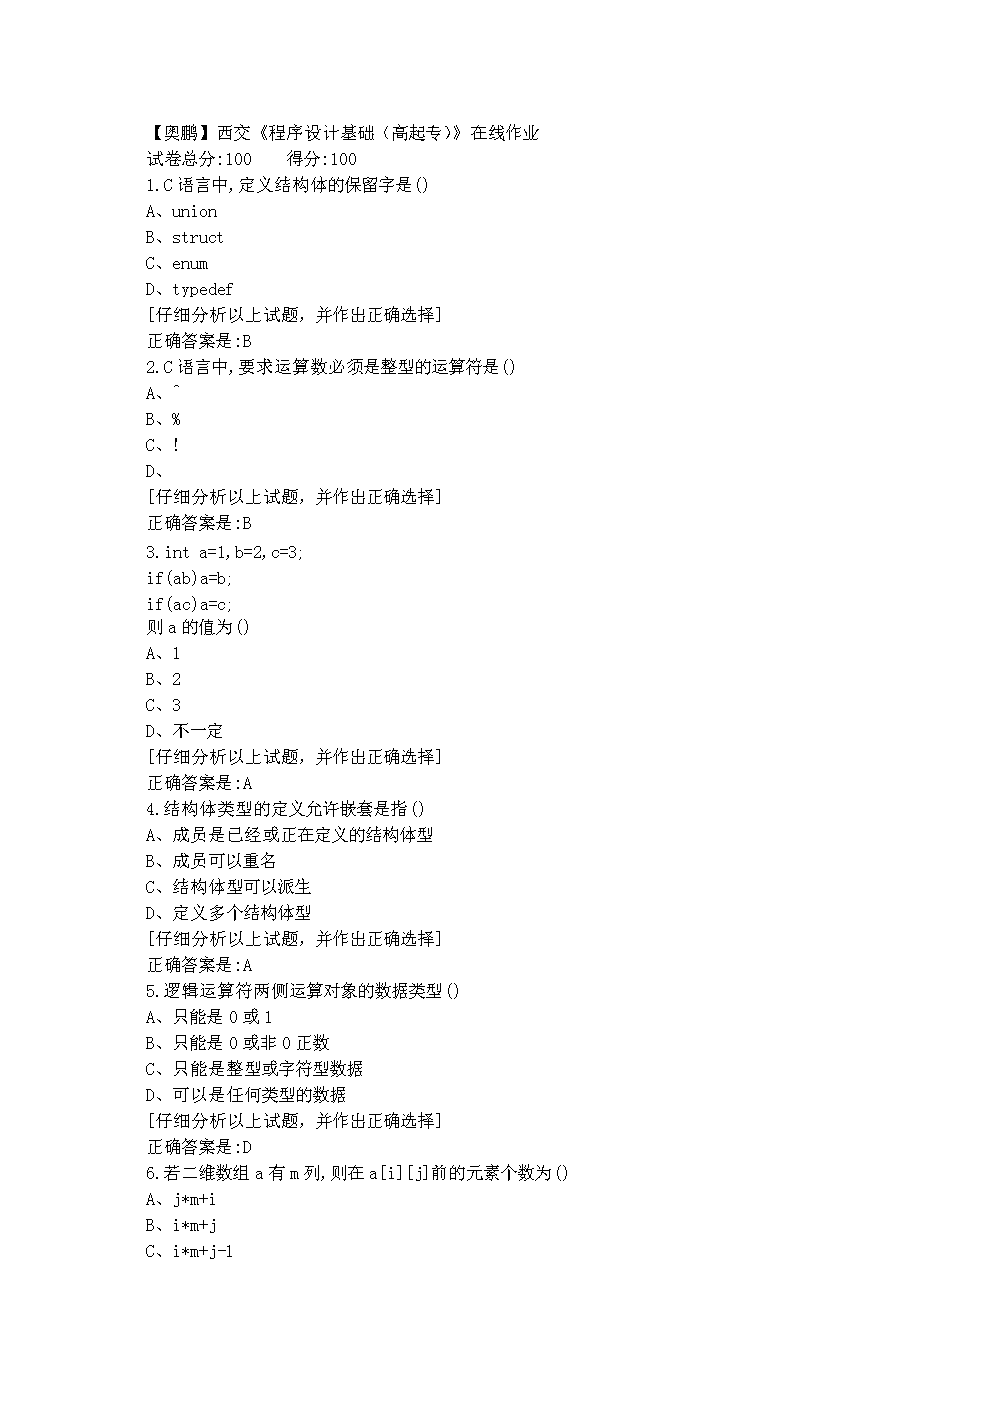 2019年秋西交《程序设计基础(高起专)》在线作业答案.doc